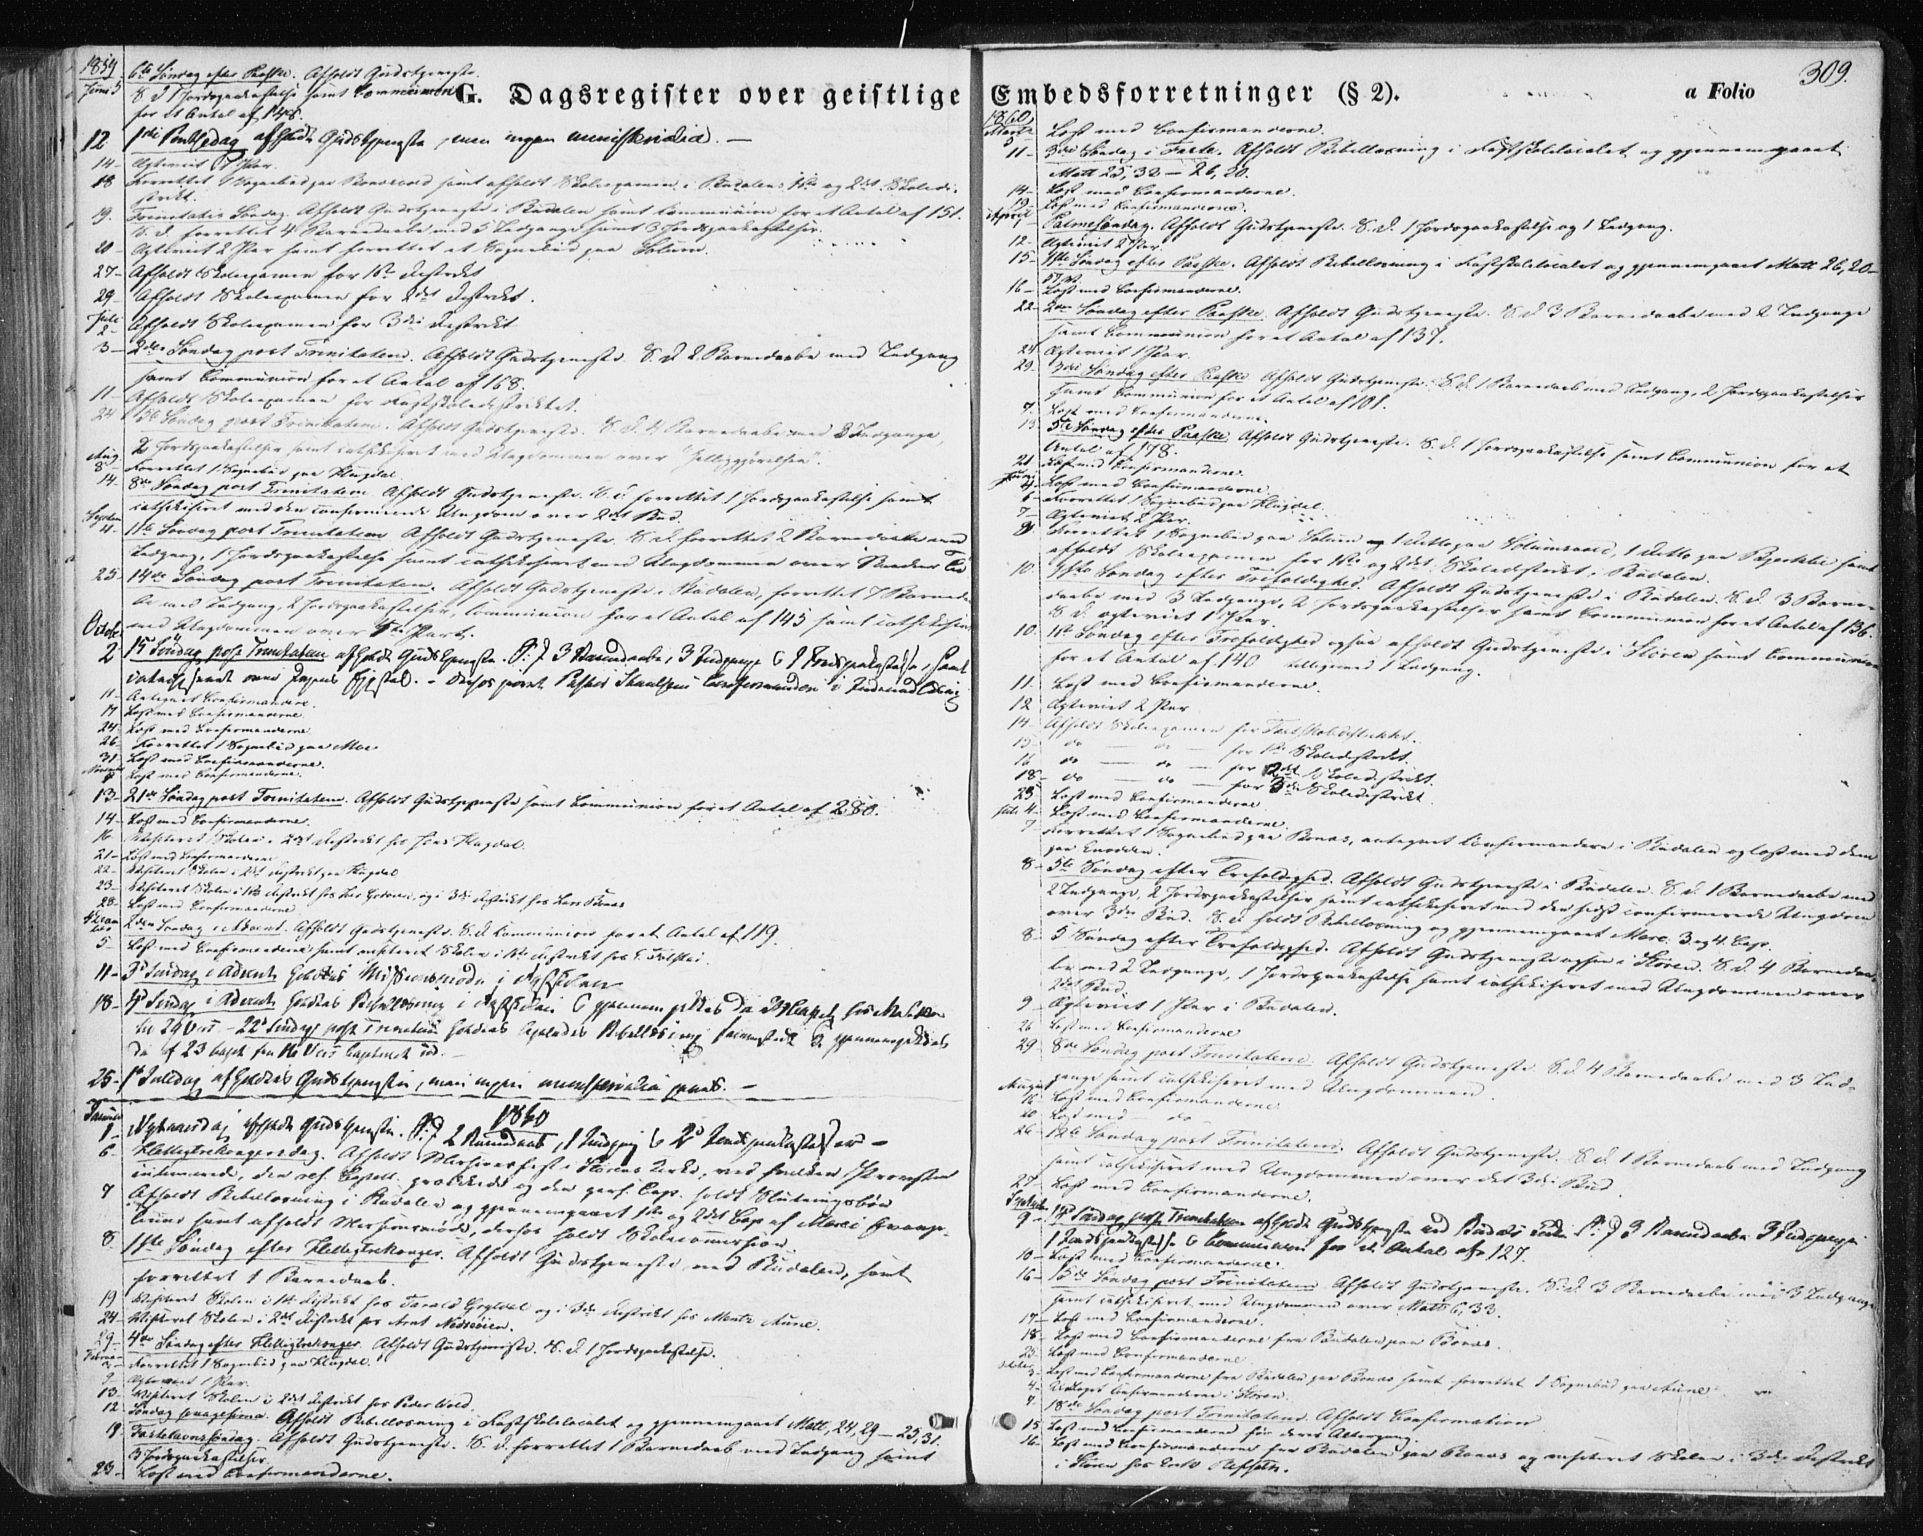 SAT, Ministerialprotokoller, klokkerbøker og fødselsregistre - Sør-Trøndelag, 687/L1000: Ministerialbok nr. 687A06, 1848-1869, s. 309